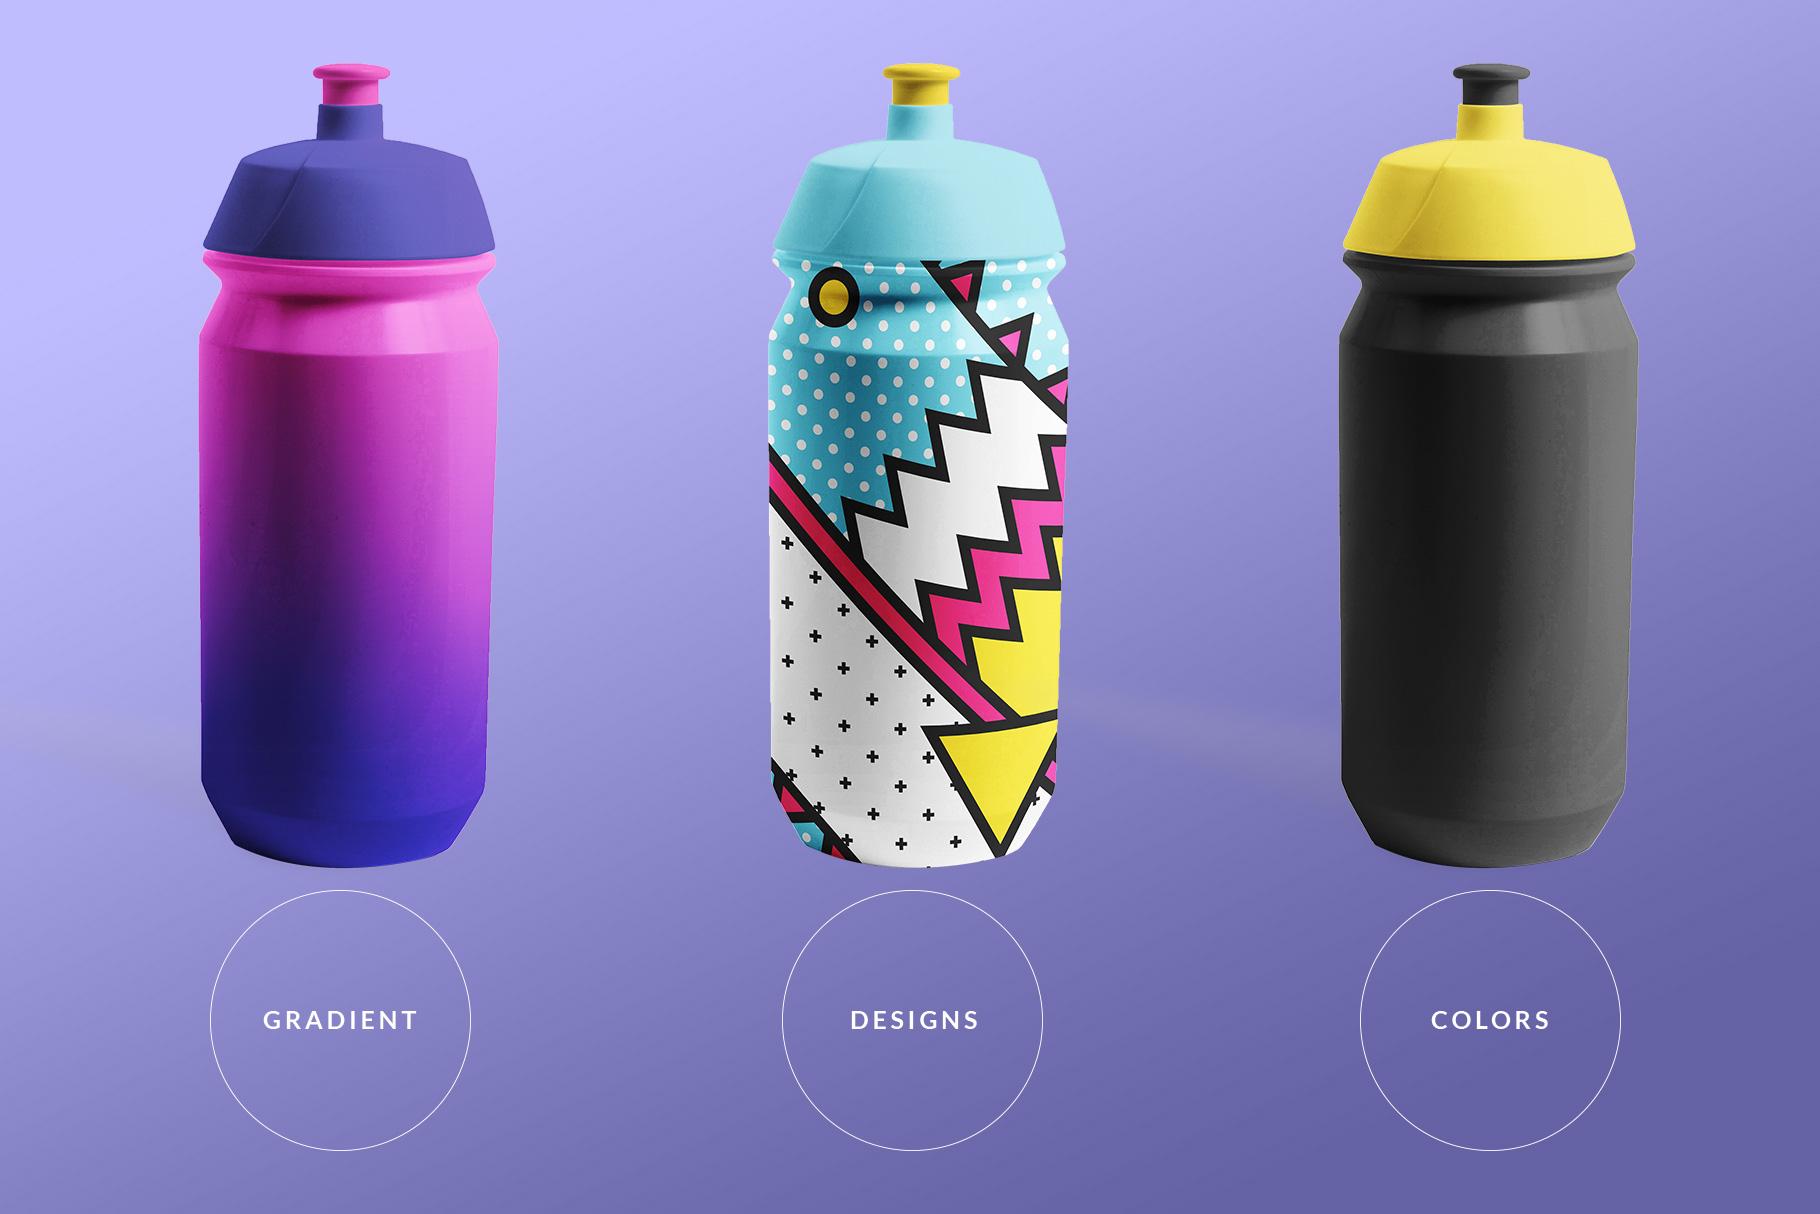 types of the biker water bottle mockup